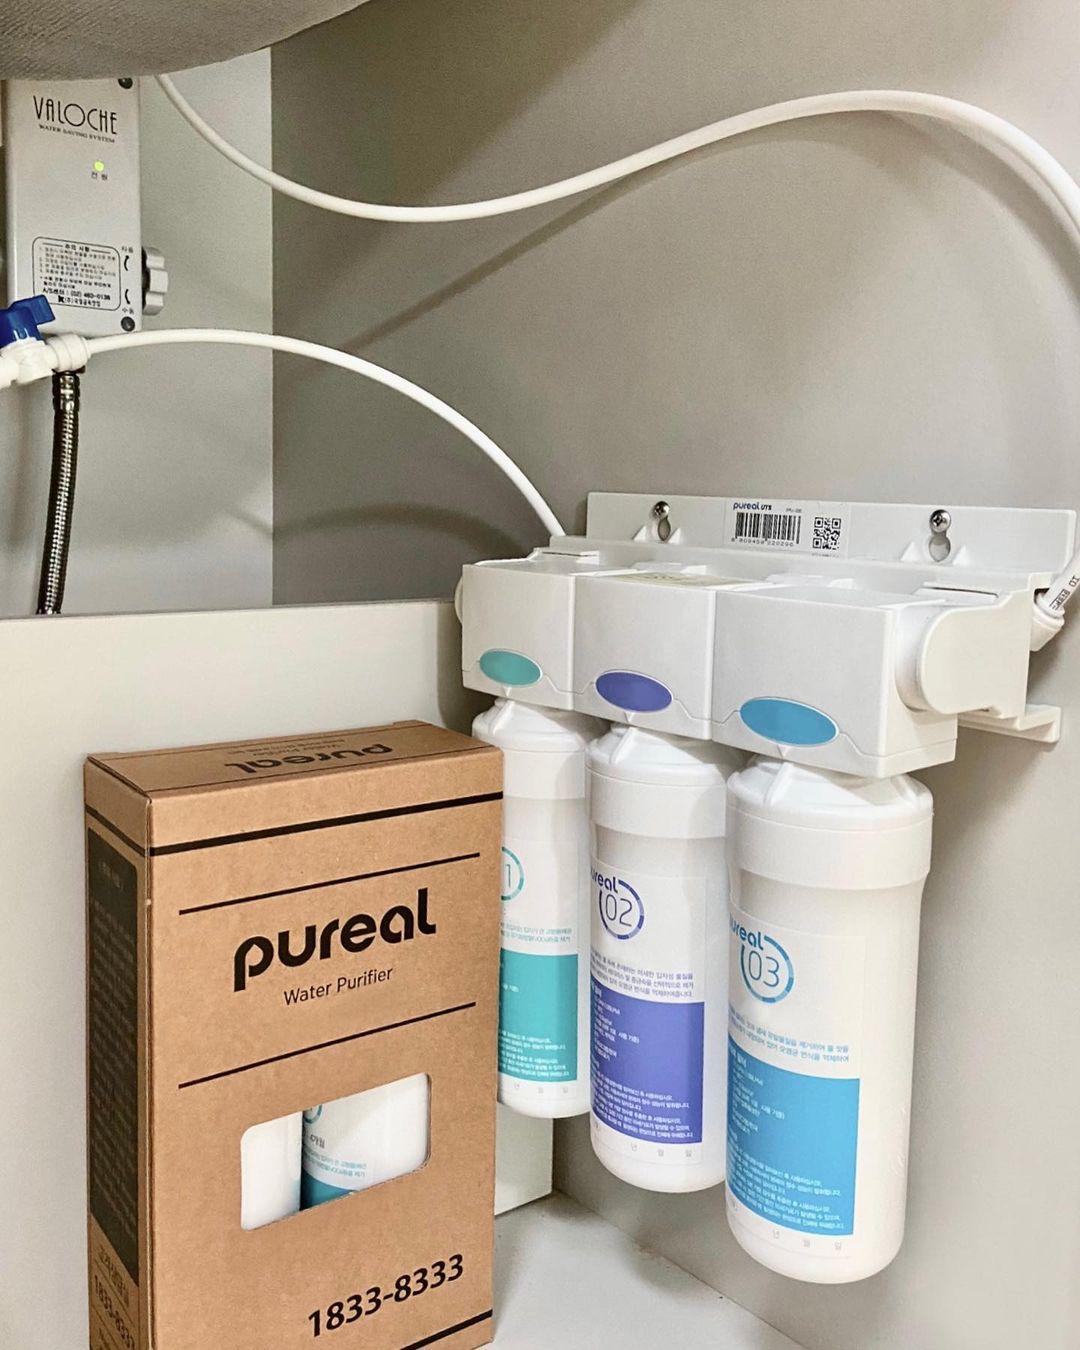 filteri za vodu ispod sudopere voden 2